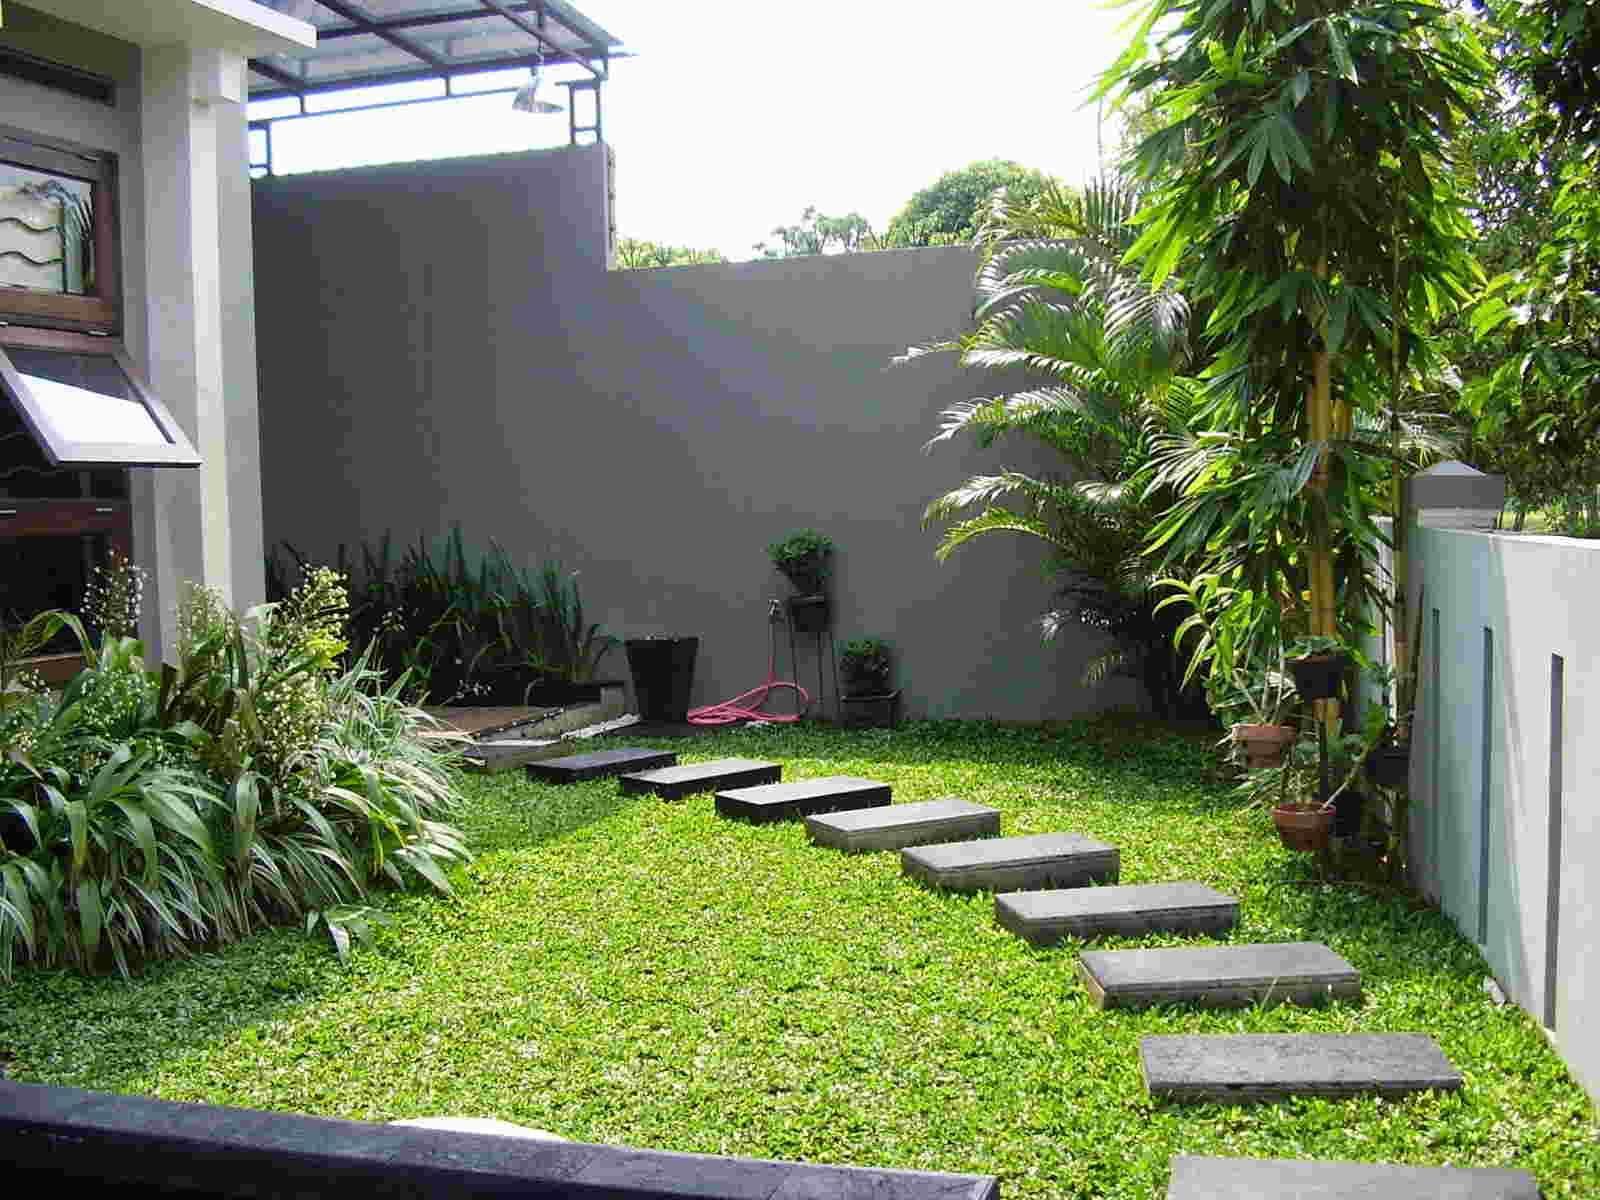 Tukang Taman Bintaro Tangerang   Jasa Landscape & Kolam Termurah di Bintaro